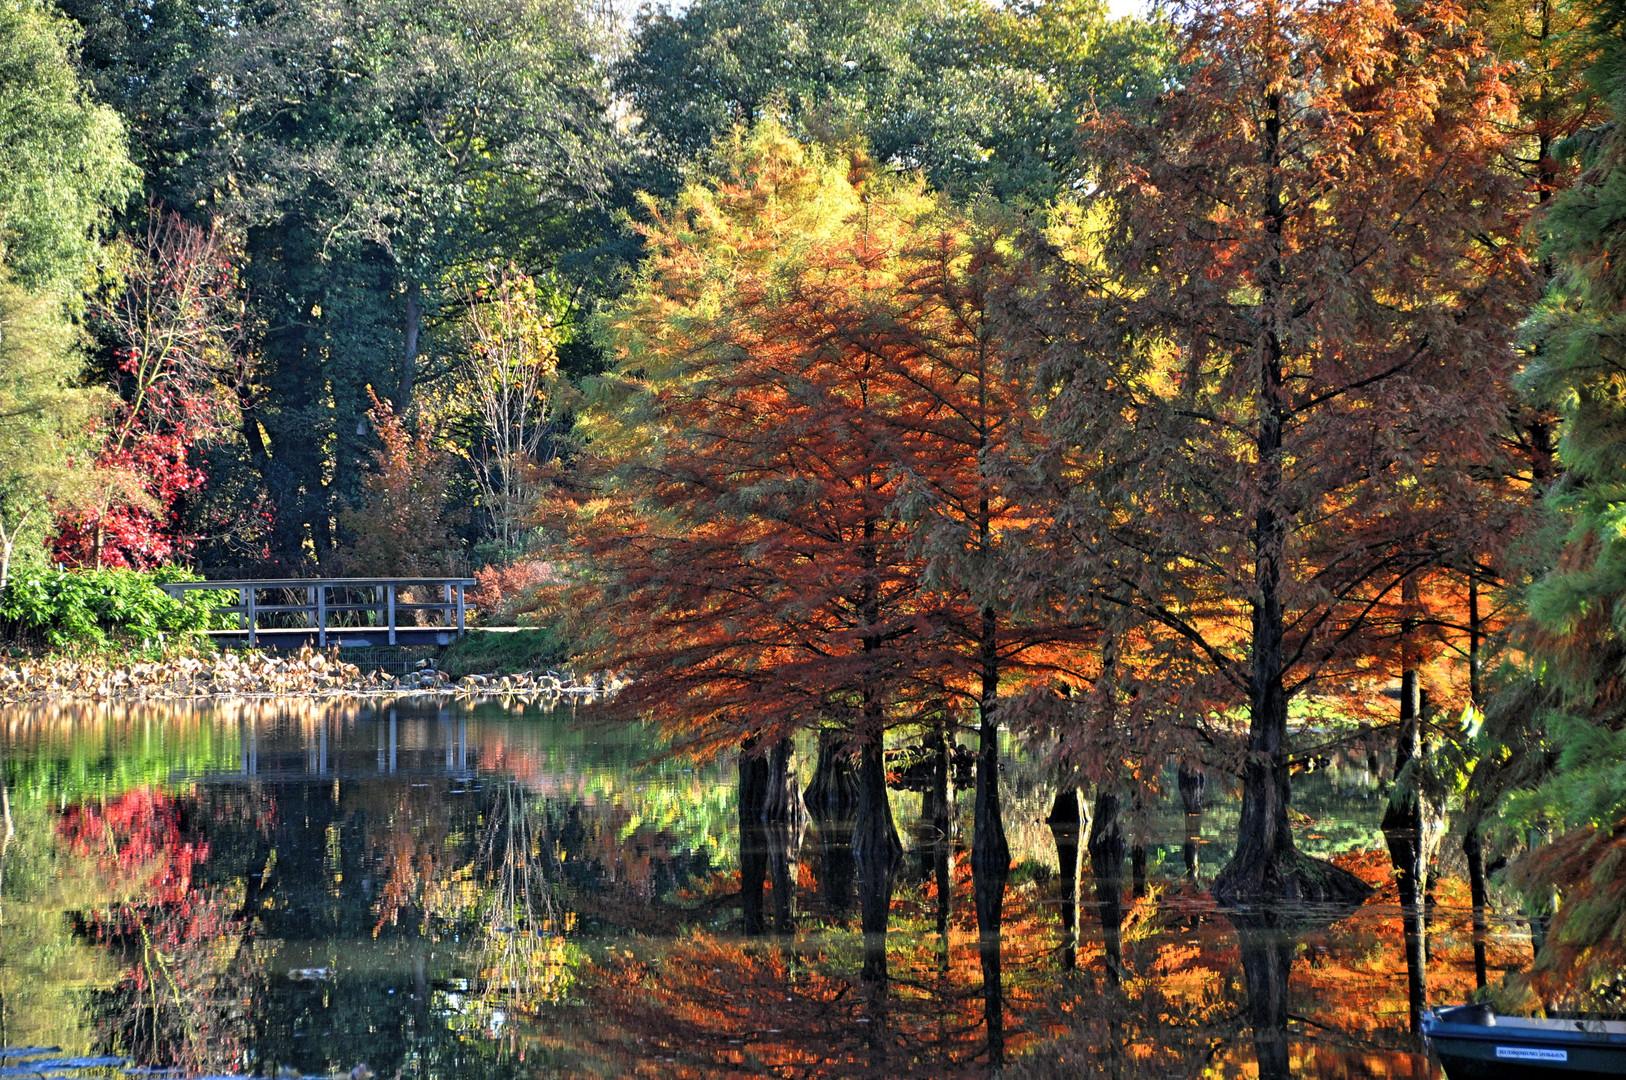 Herbst im Arboretum Ellerhop